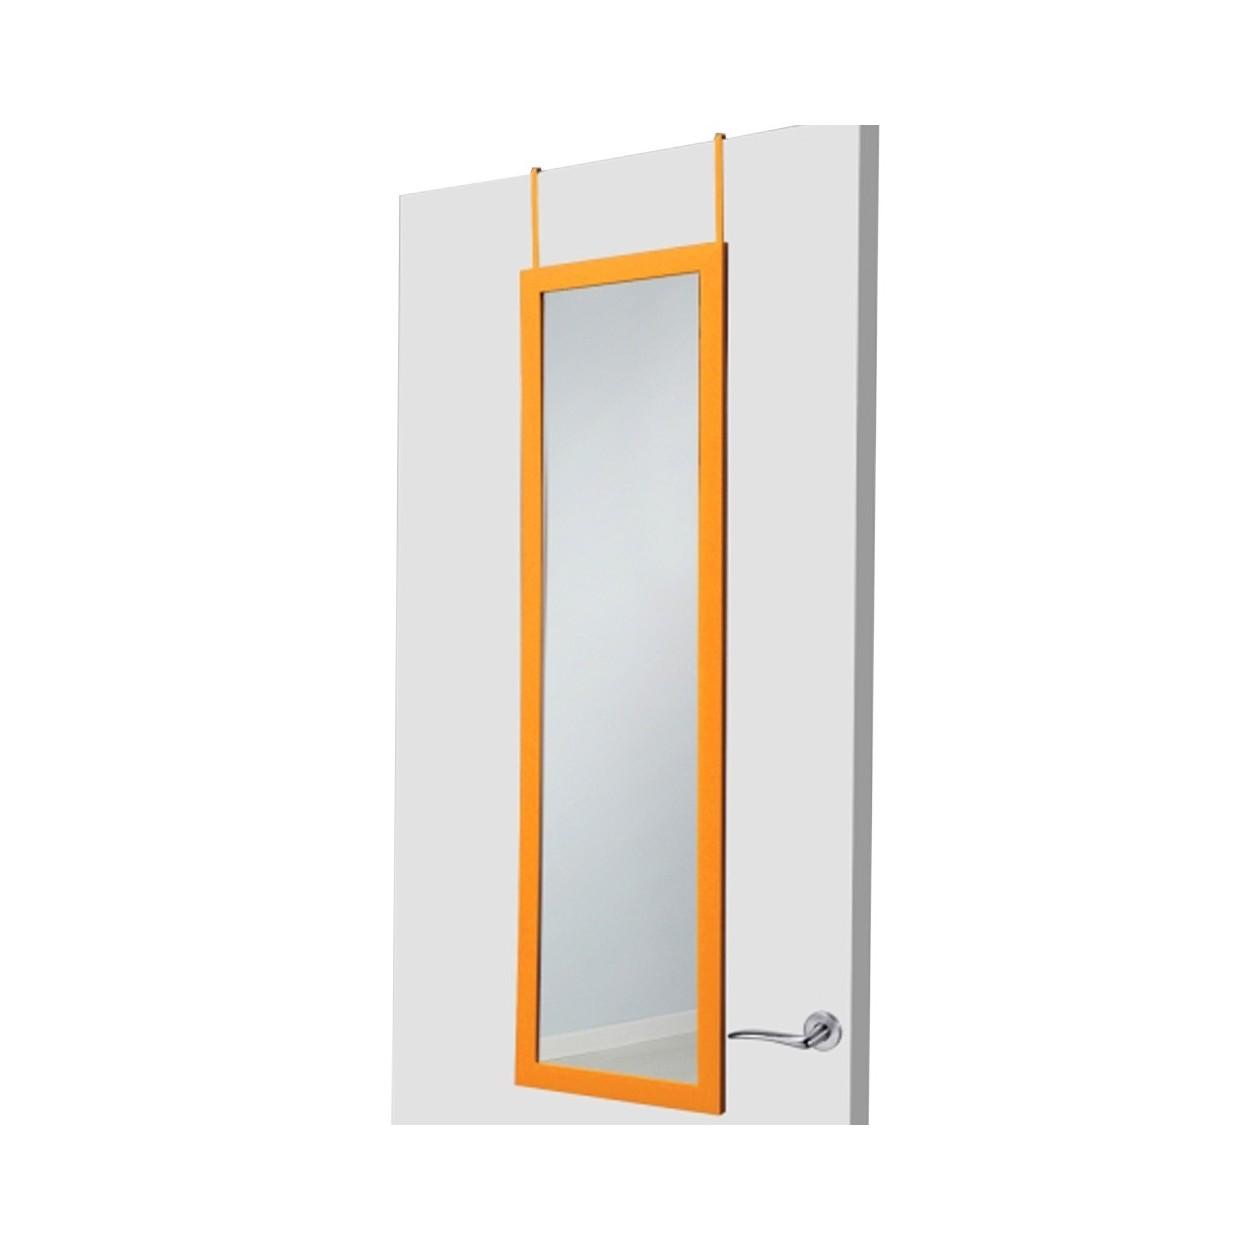 Espejo para puerta naranja sin agujeros hogar y m s for Perchas para puertas sin agujeros